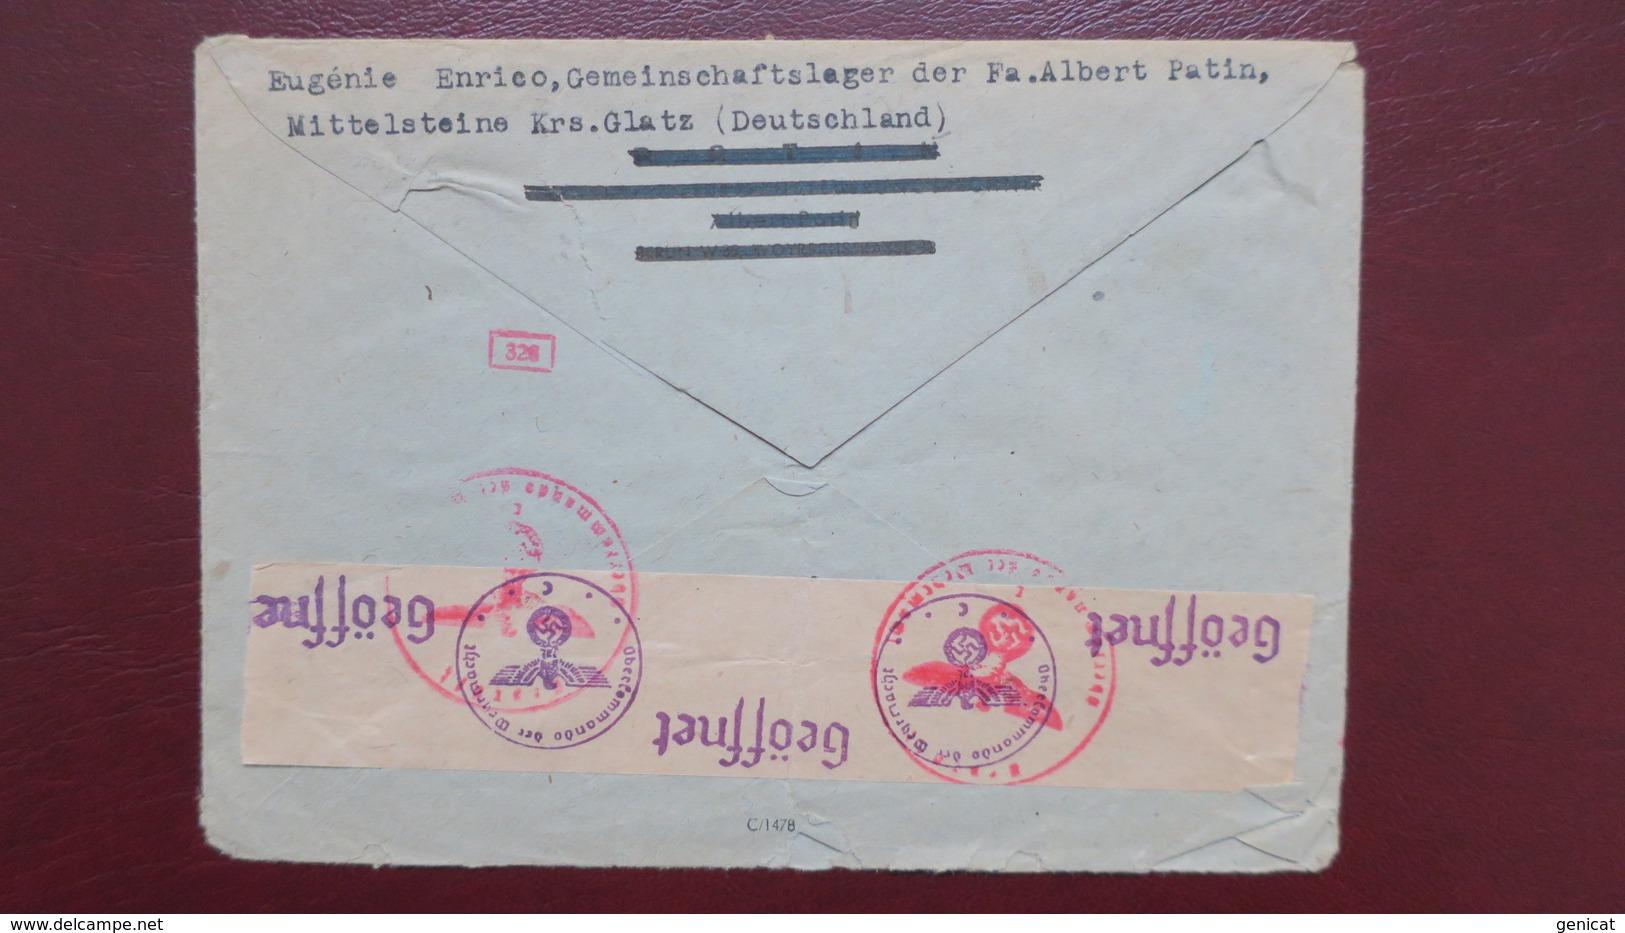 1944 Lettre Du Camp De Concentration De Mittelsteine Femme Travaillant A L'usine Albert Patin (composants V-1 & V-2 ) - Guerre De 1939-45